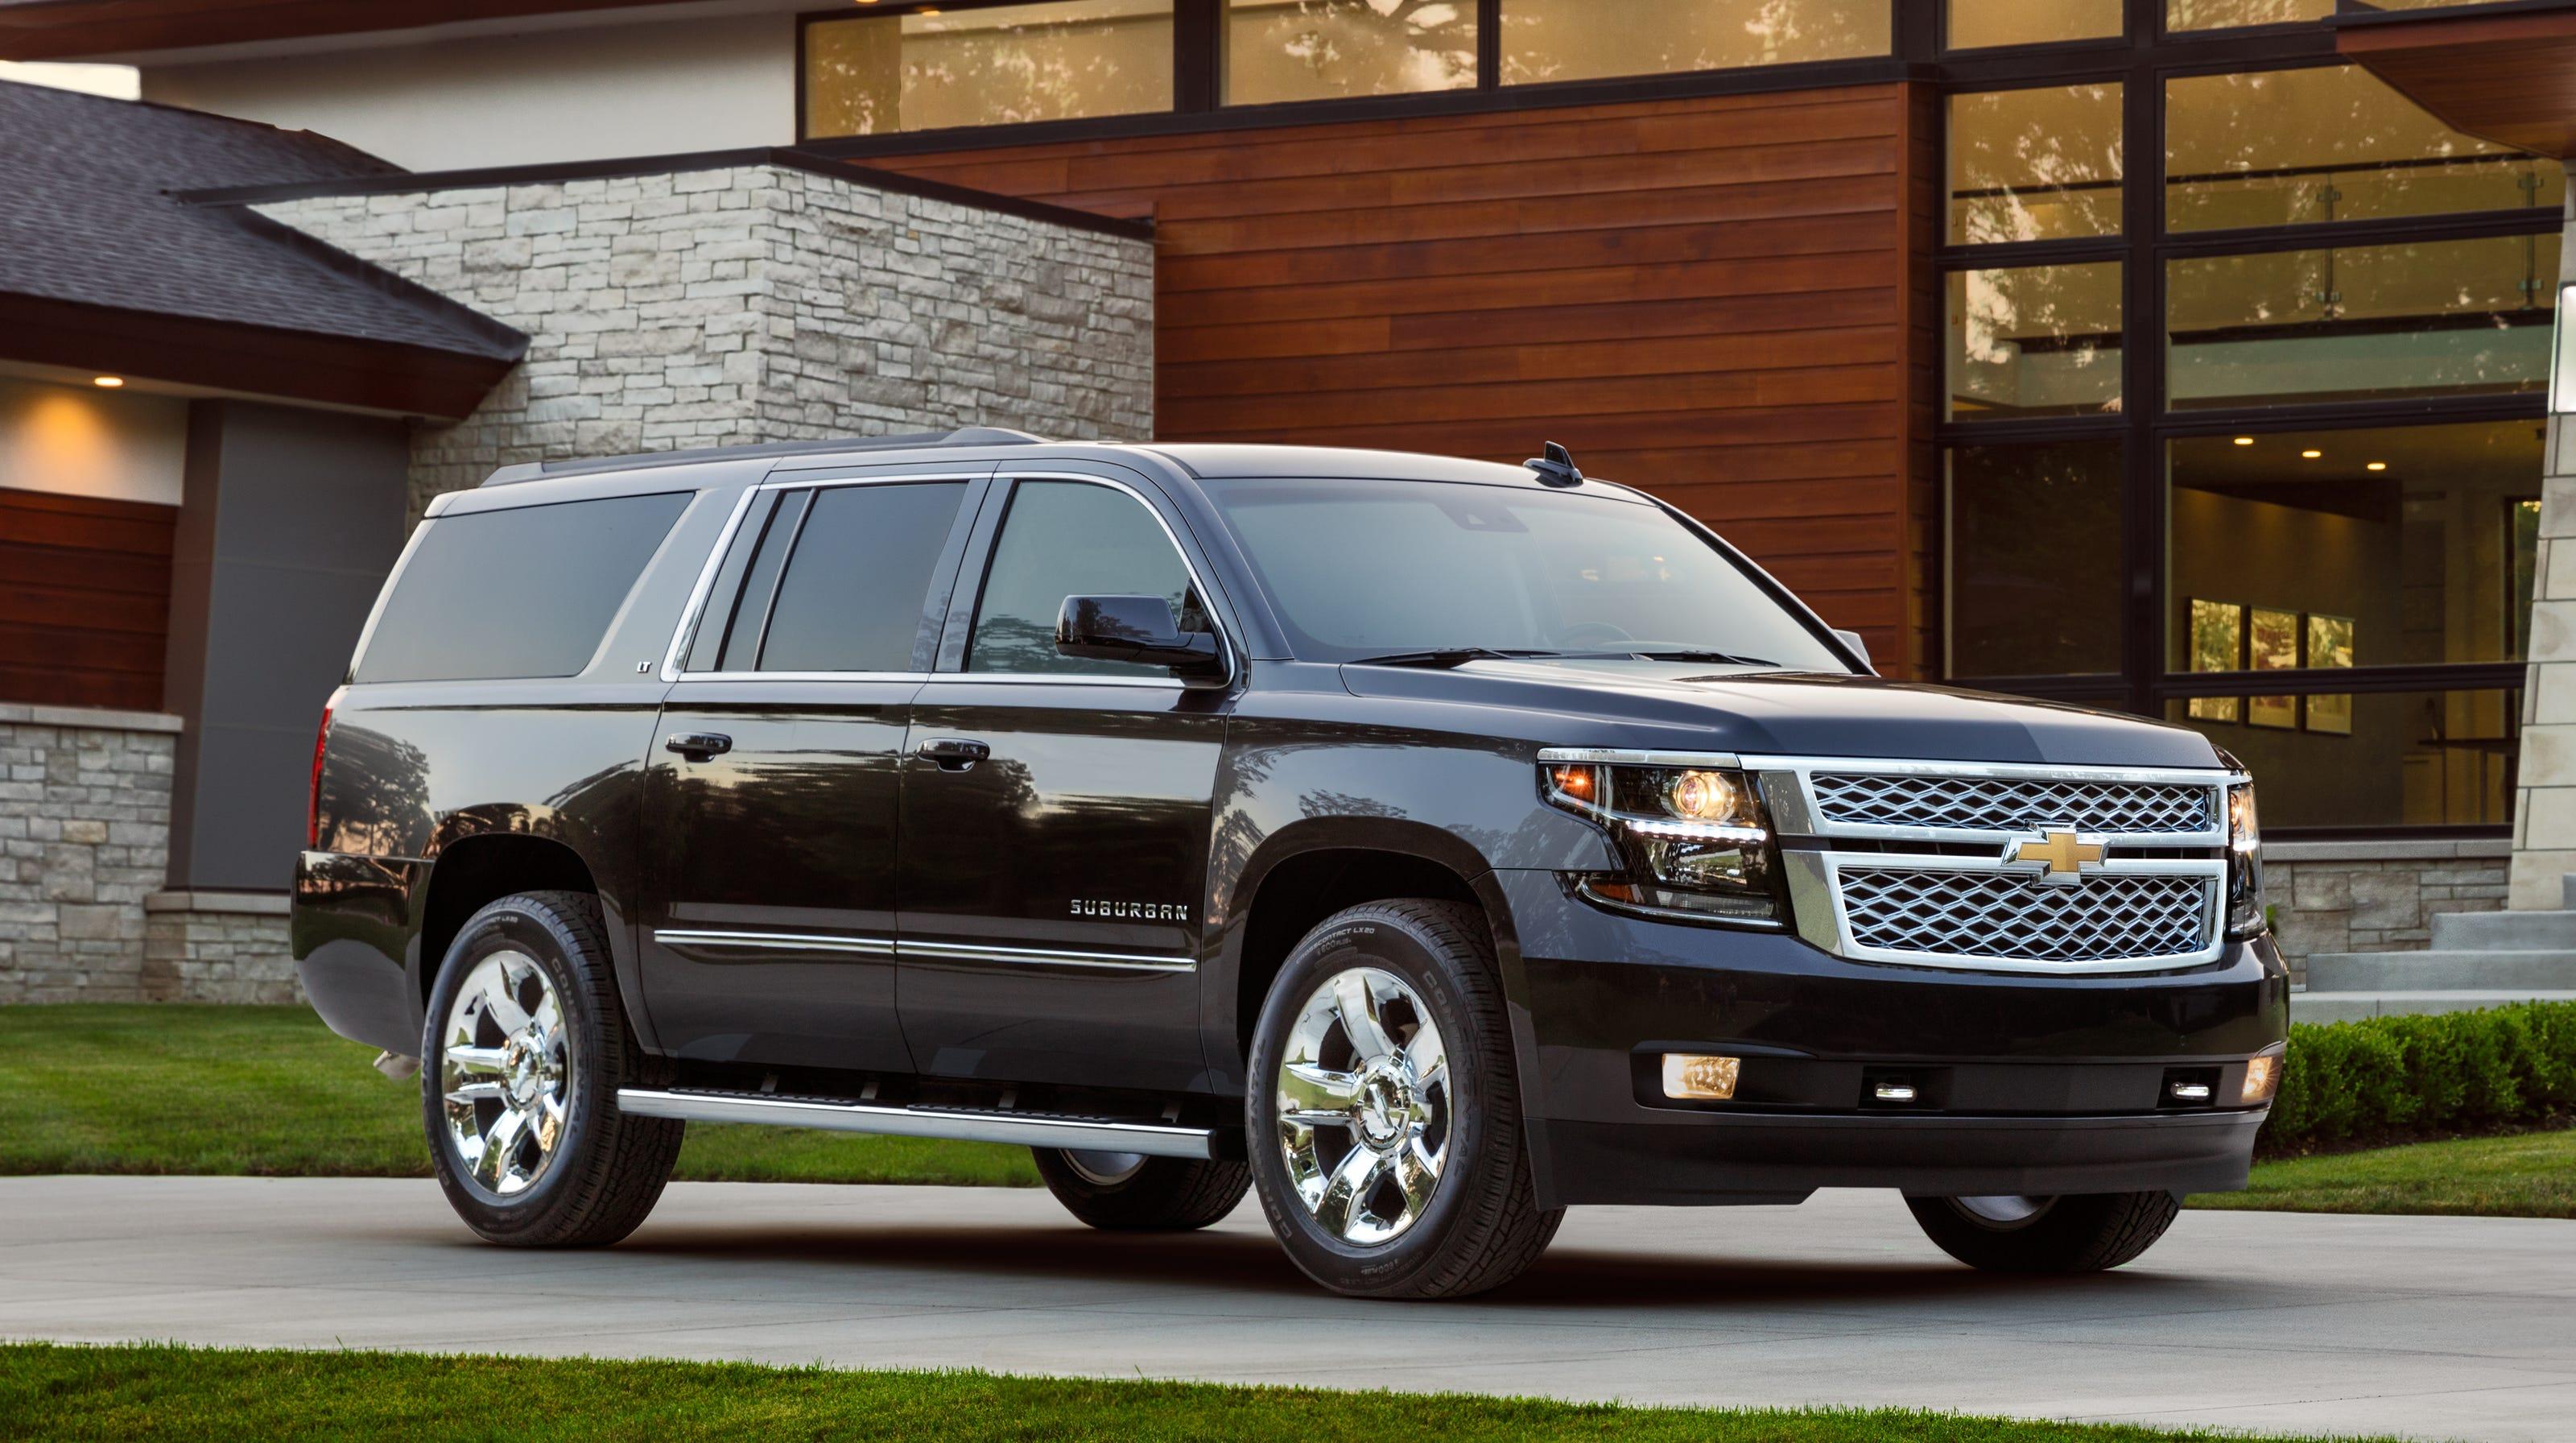 Kelebihan Kekurangan Chevrolet Suburban 2018 Top Model Tahun Ini